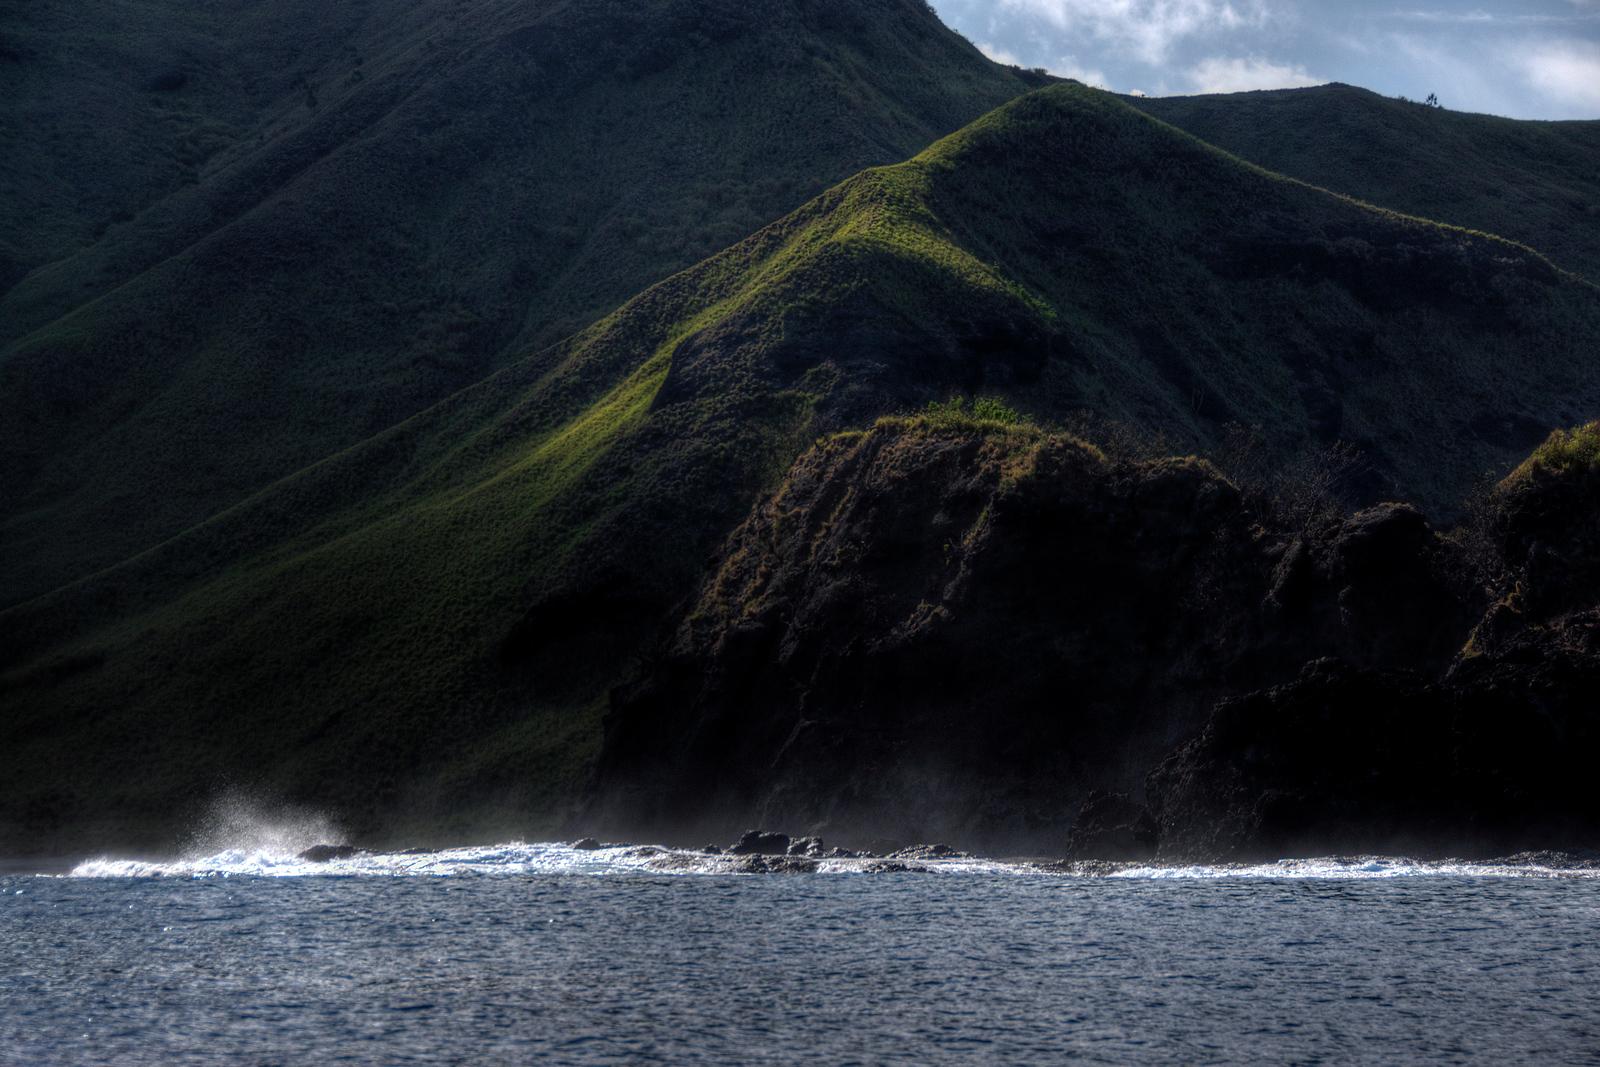 Mountain cliffs near sea - Yasawa Islands, Fiji